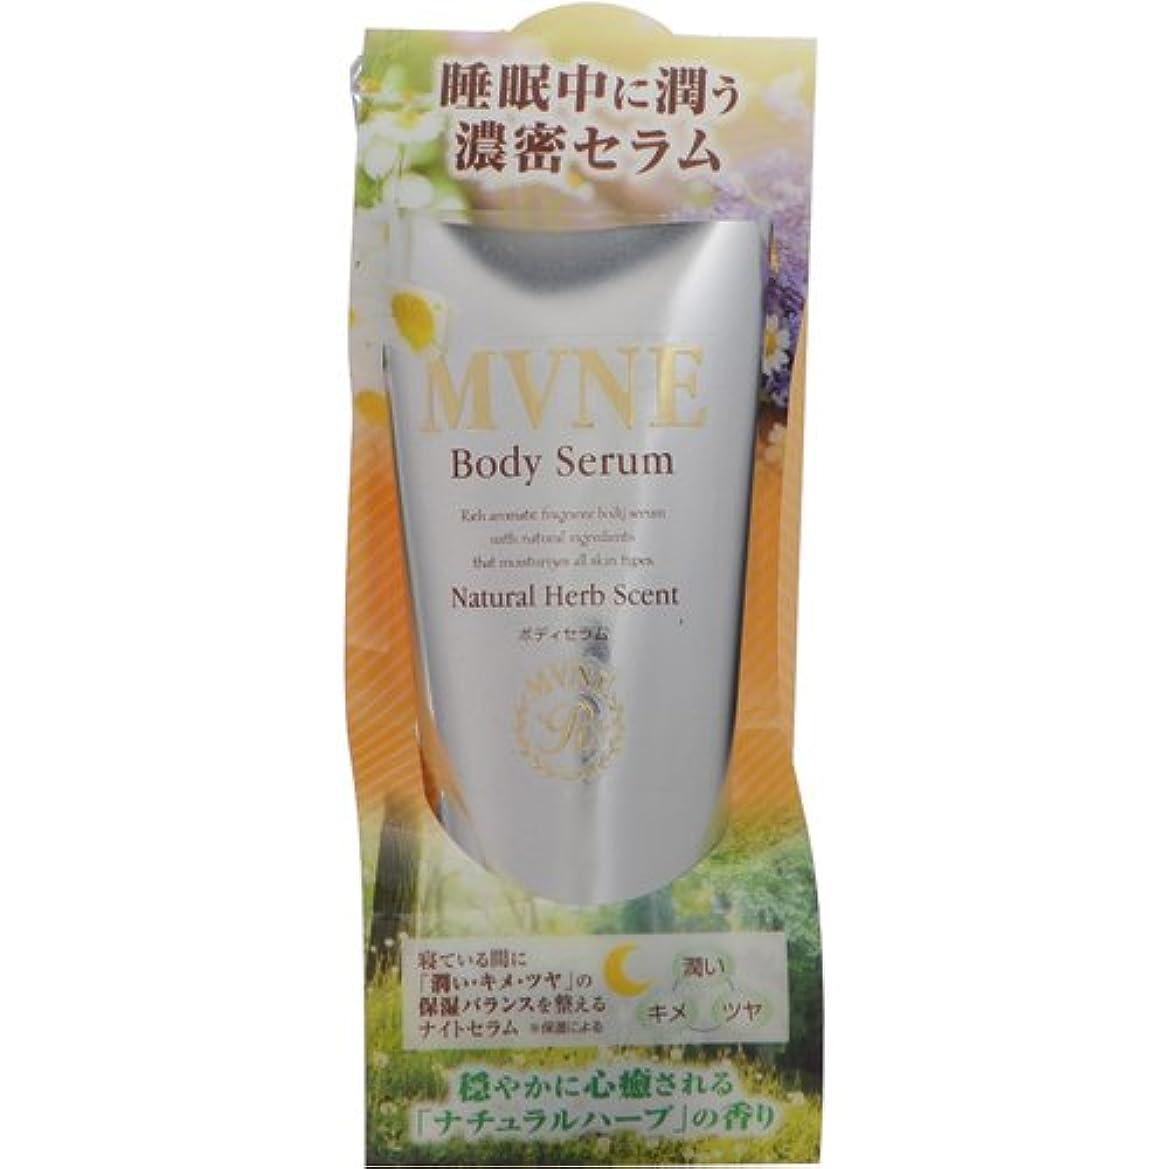 通行人ペースト市民権MVNE ボディセラム 穏やかに心癒されるナチュラルハーブの香り (100g)